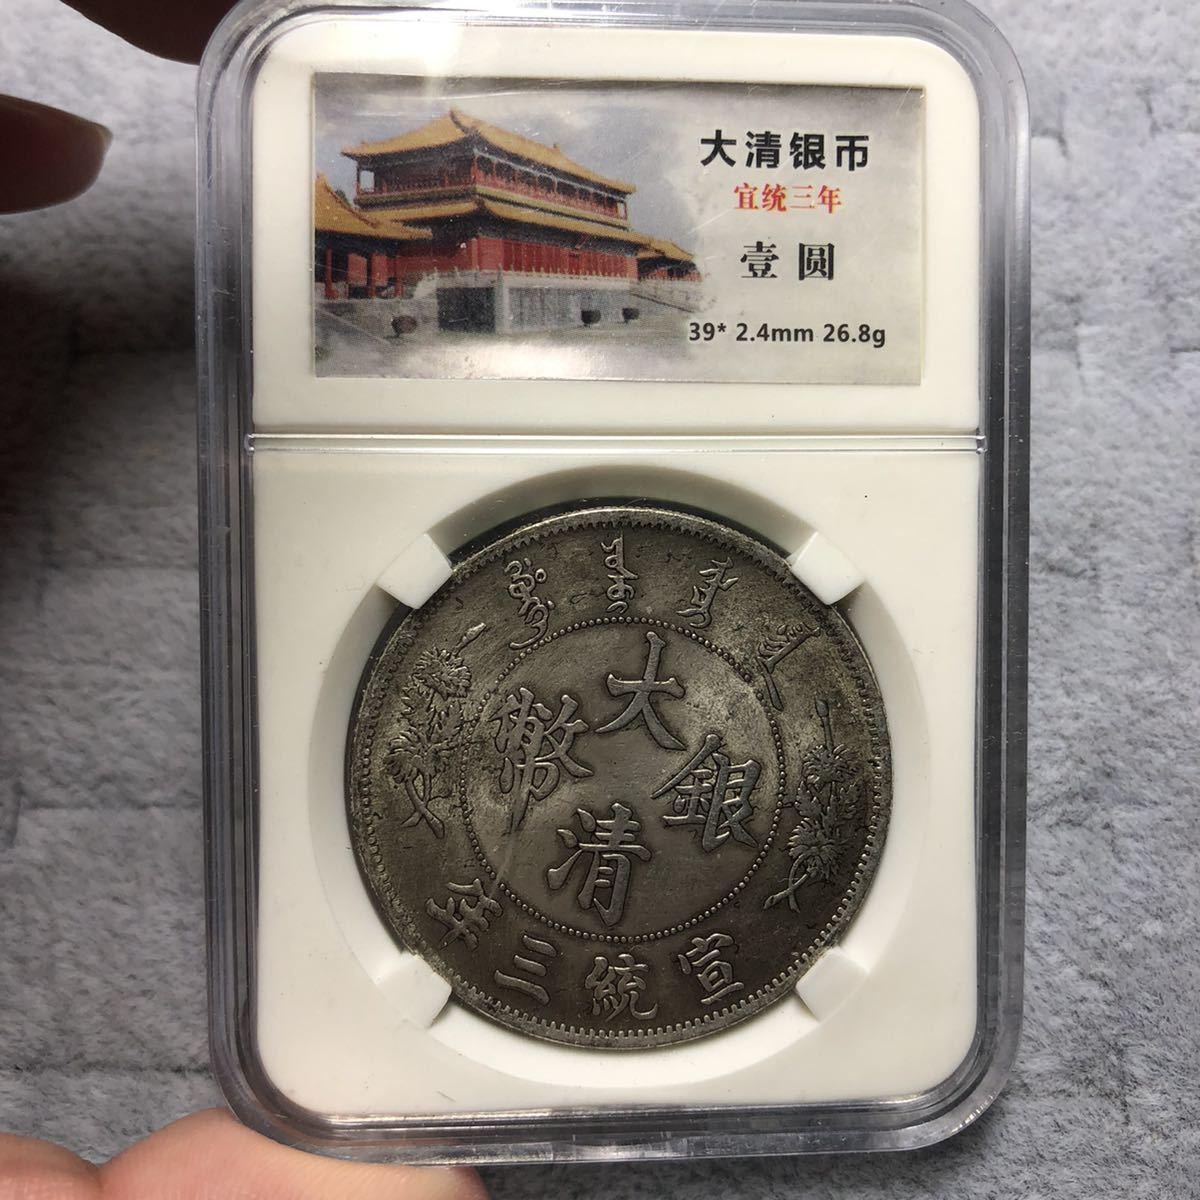 中国古銭 大清銀幣 大尾龍 39mm 26.8g S-2019